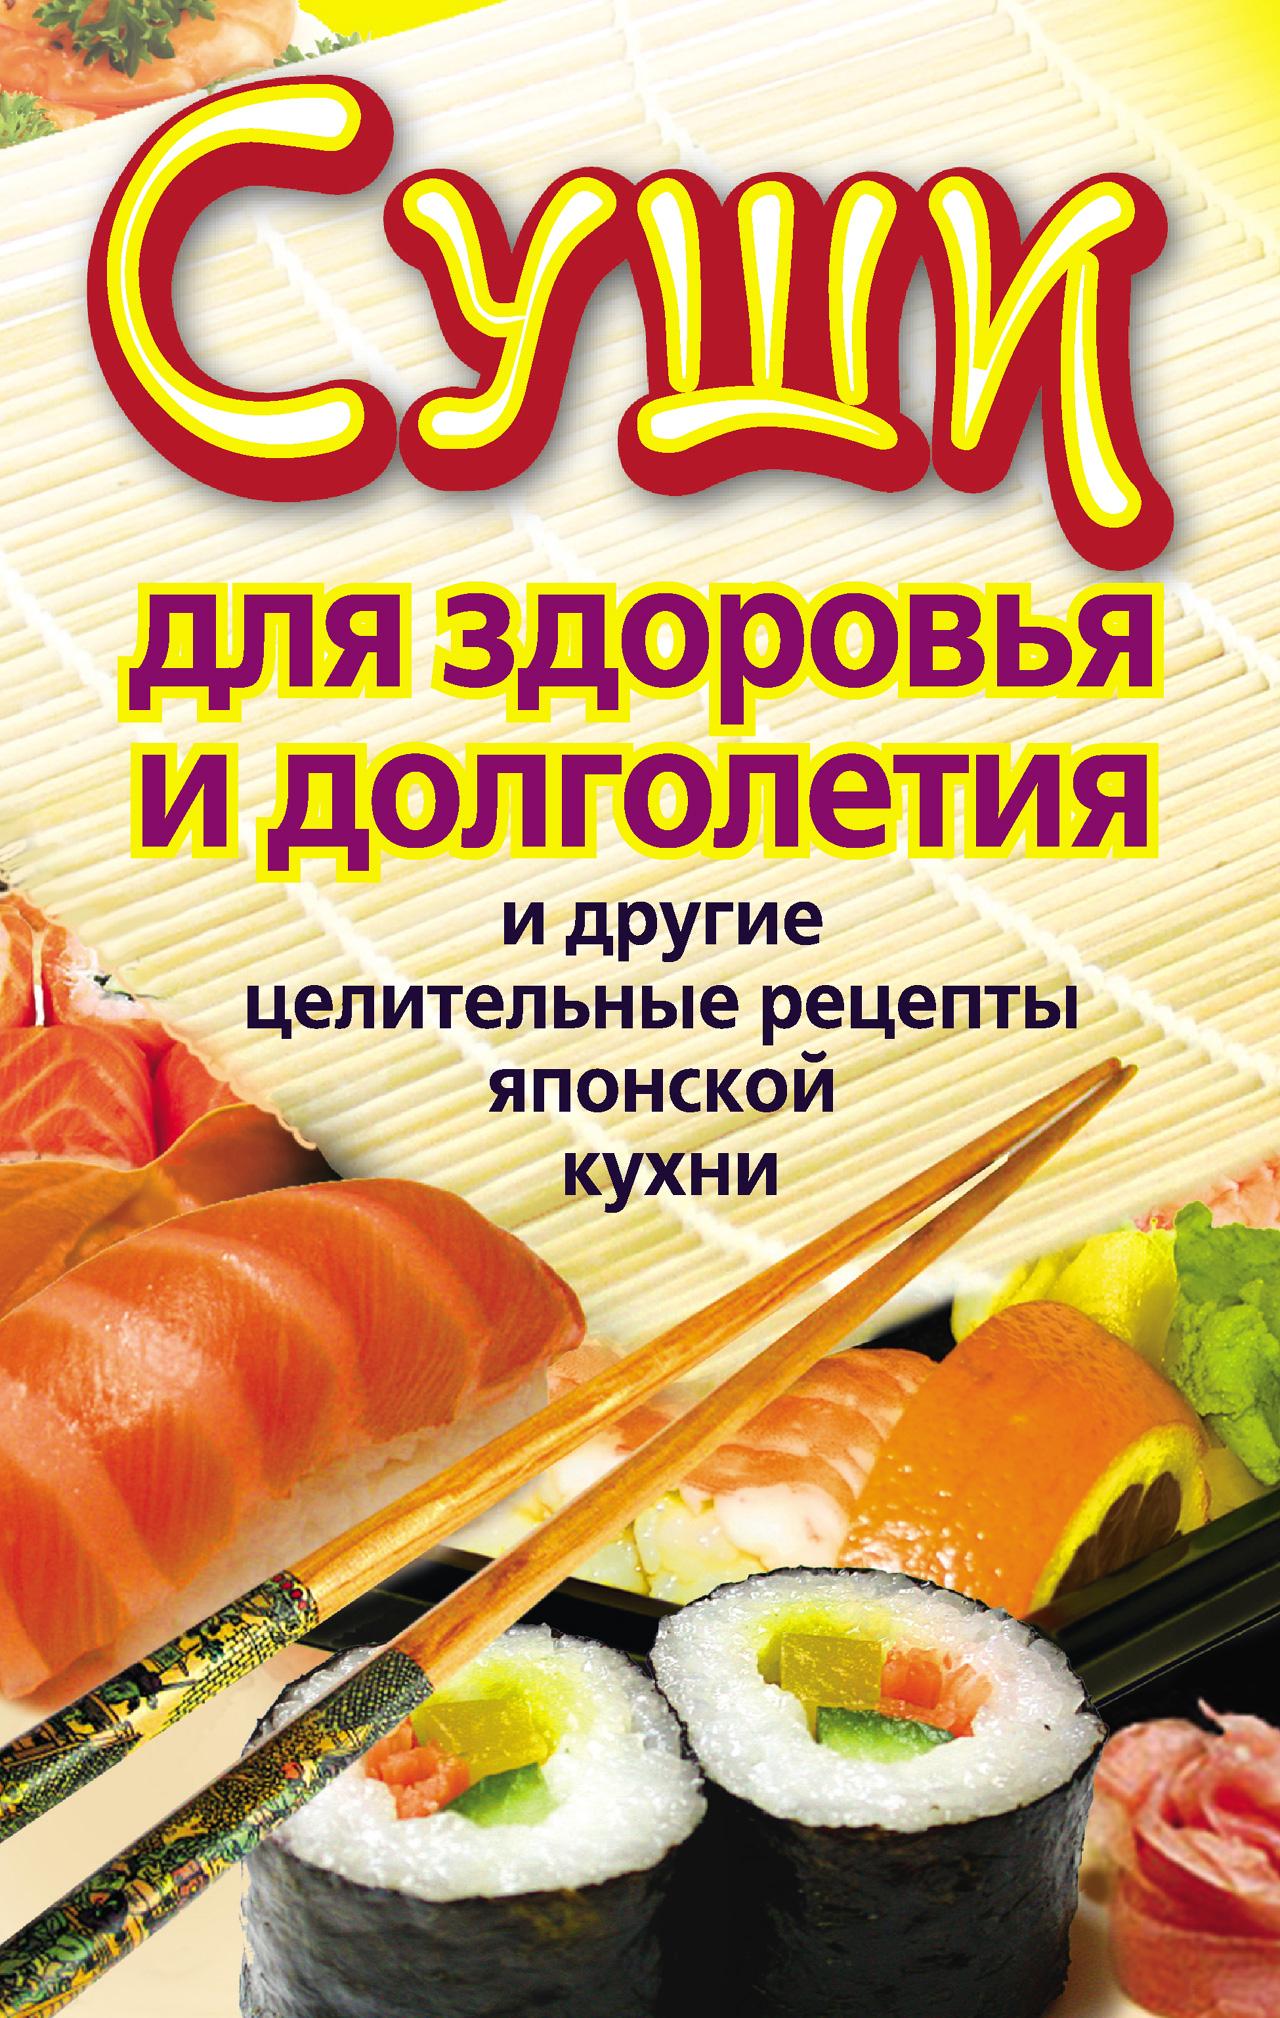 Катерина Сычева «Суши для здоровья и долголетия и другие целительные рецепты японской кухни»